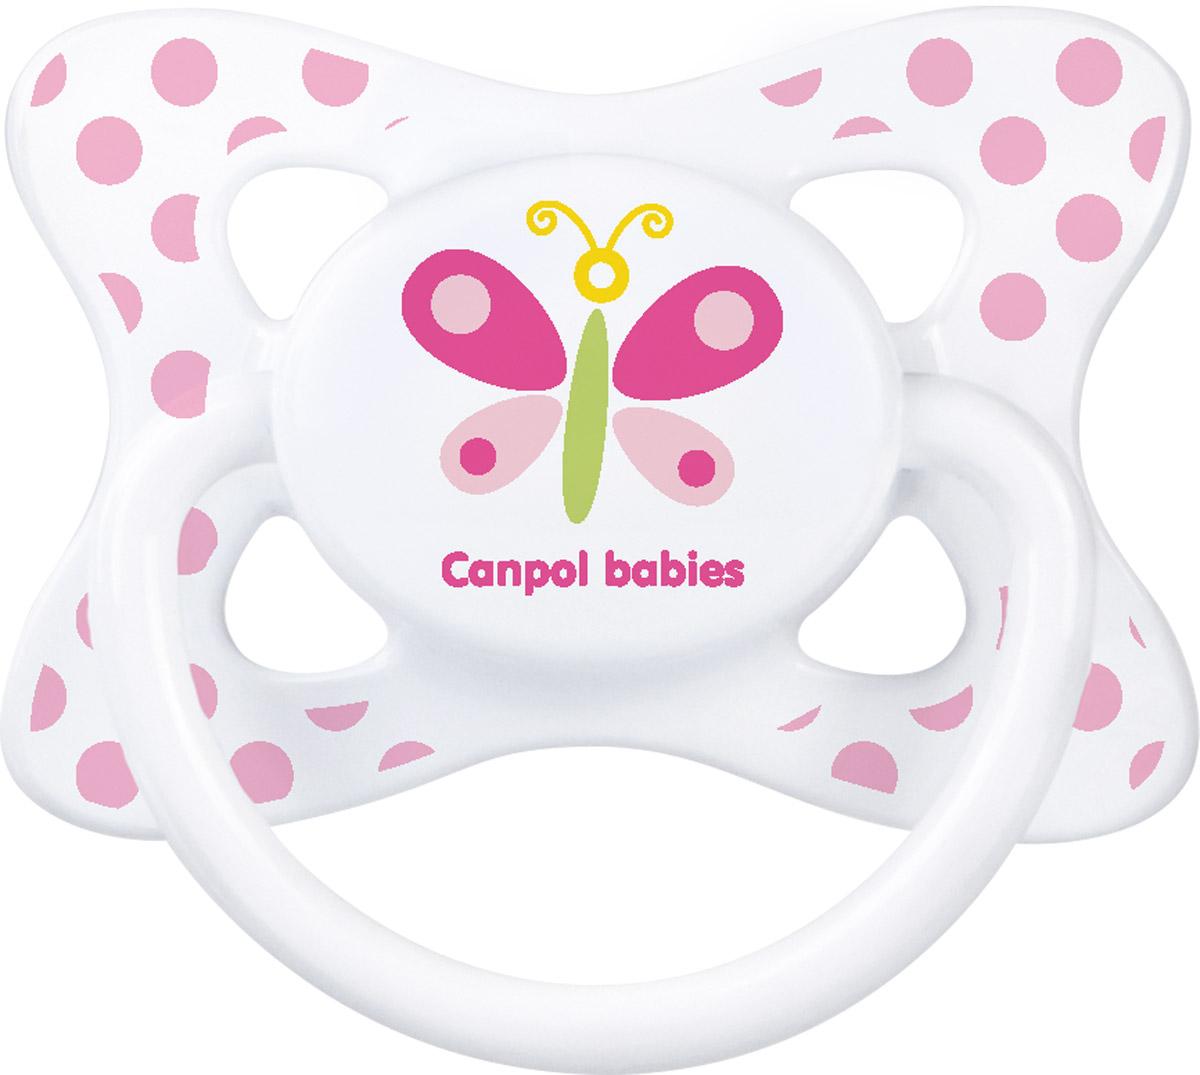 Canpol Babies Пустышка силиконовая симметричная Бабочка от 18 месяцев